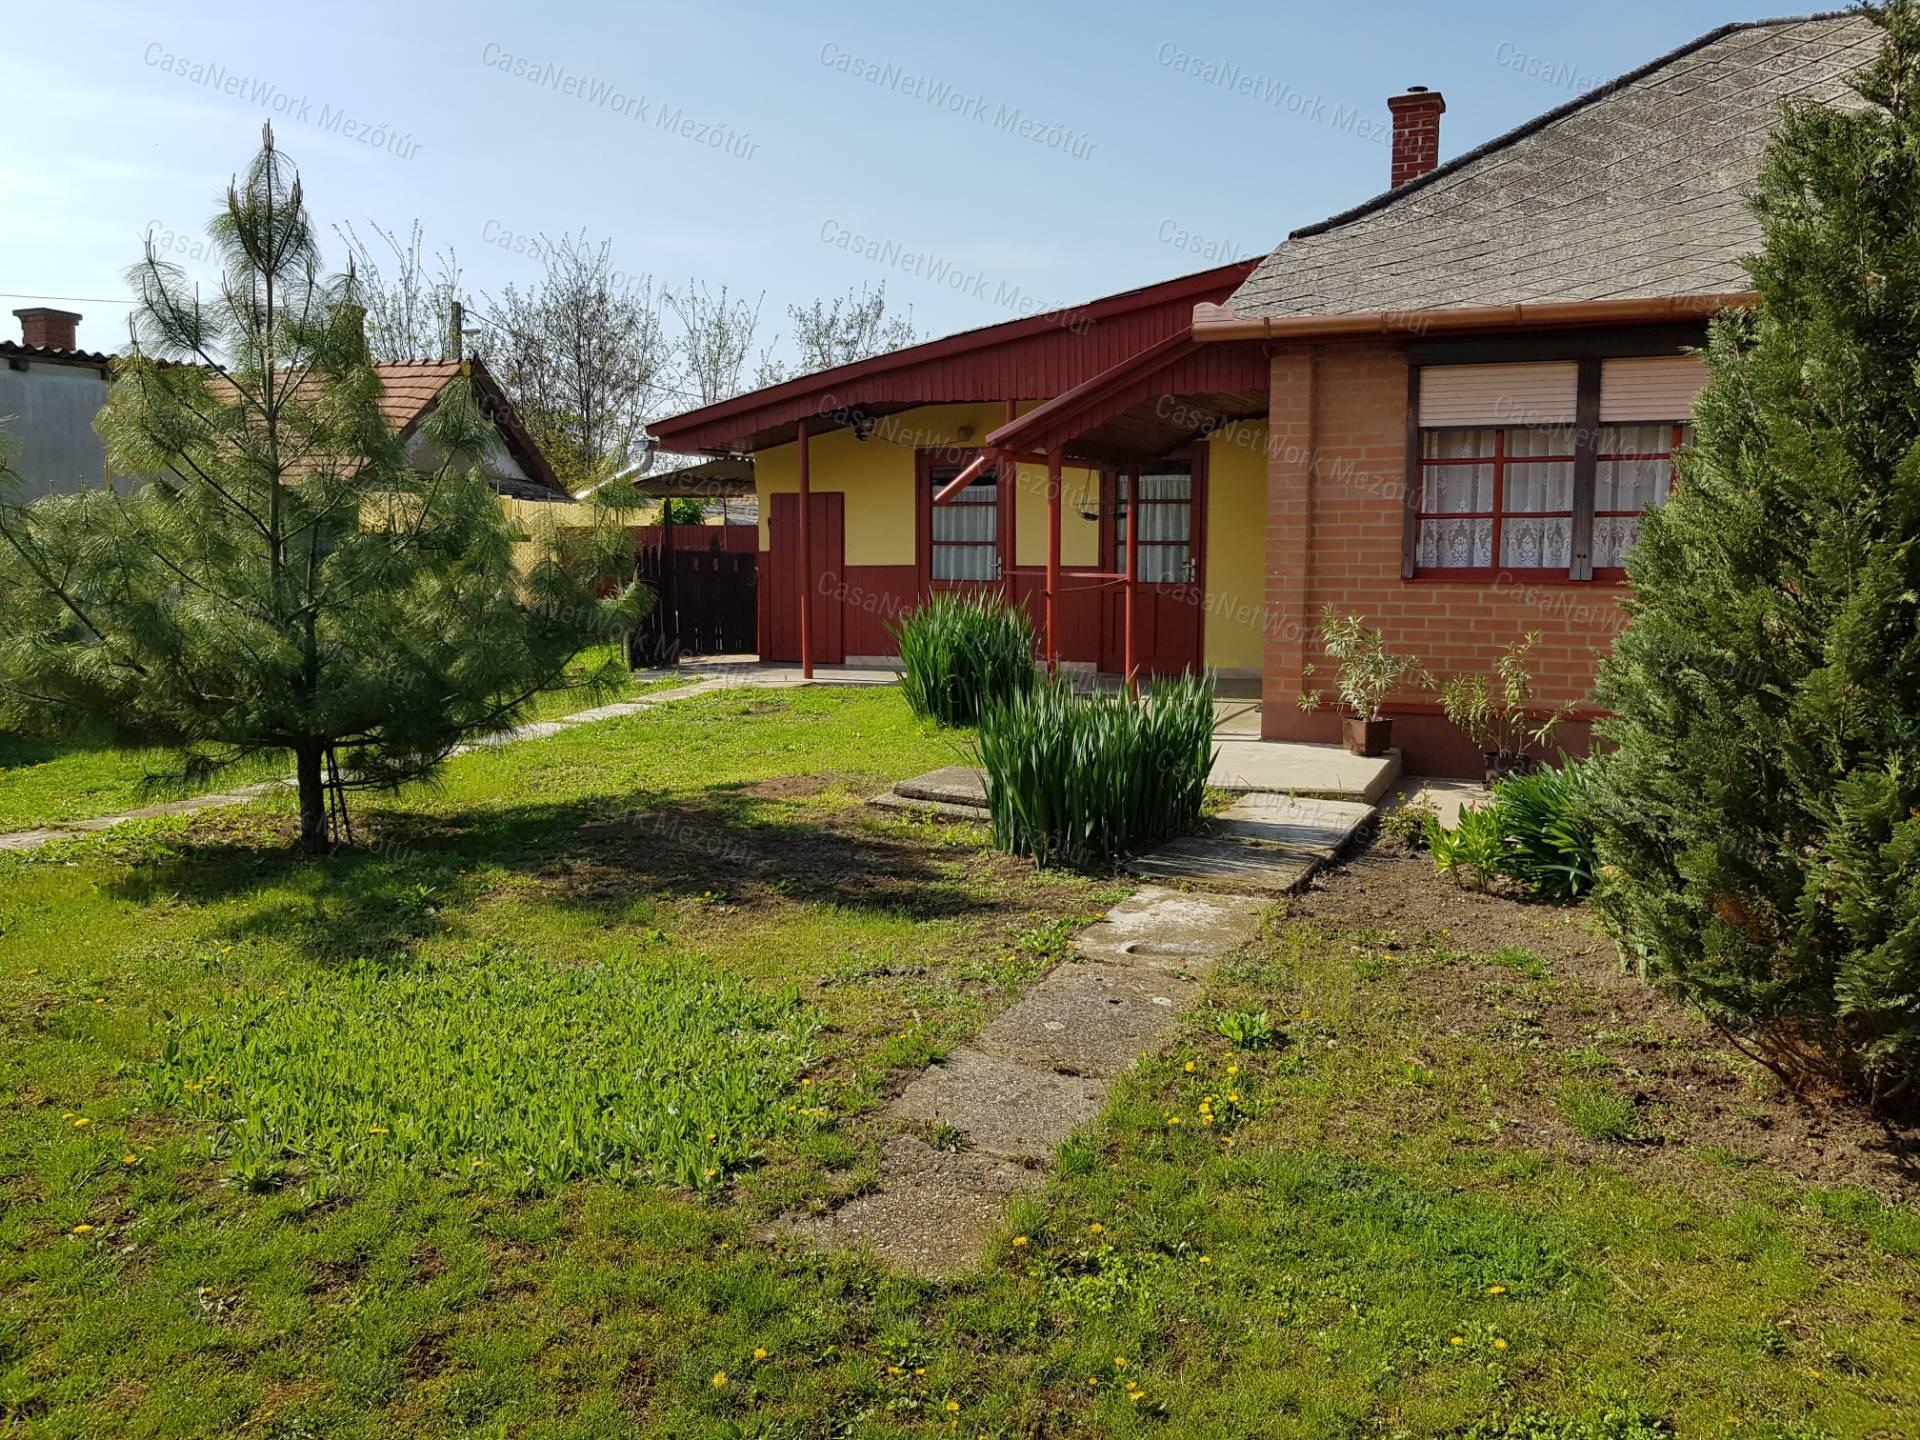 Eladó családi ház, Jász-Nagykun-Szolnok megye, Mezőtúr - sz.: 171500150 - CasaNetWork.hu